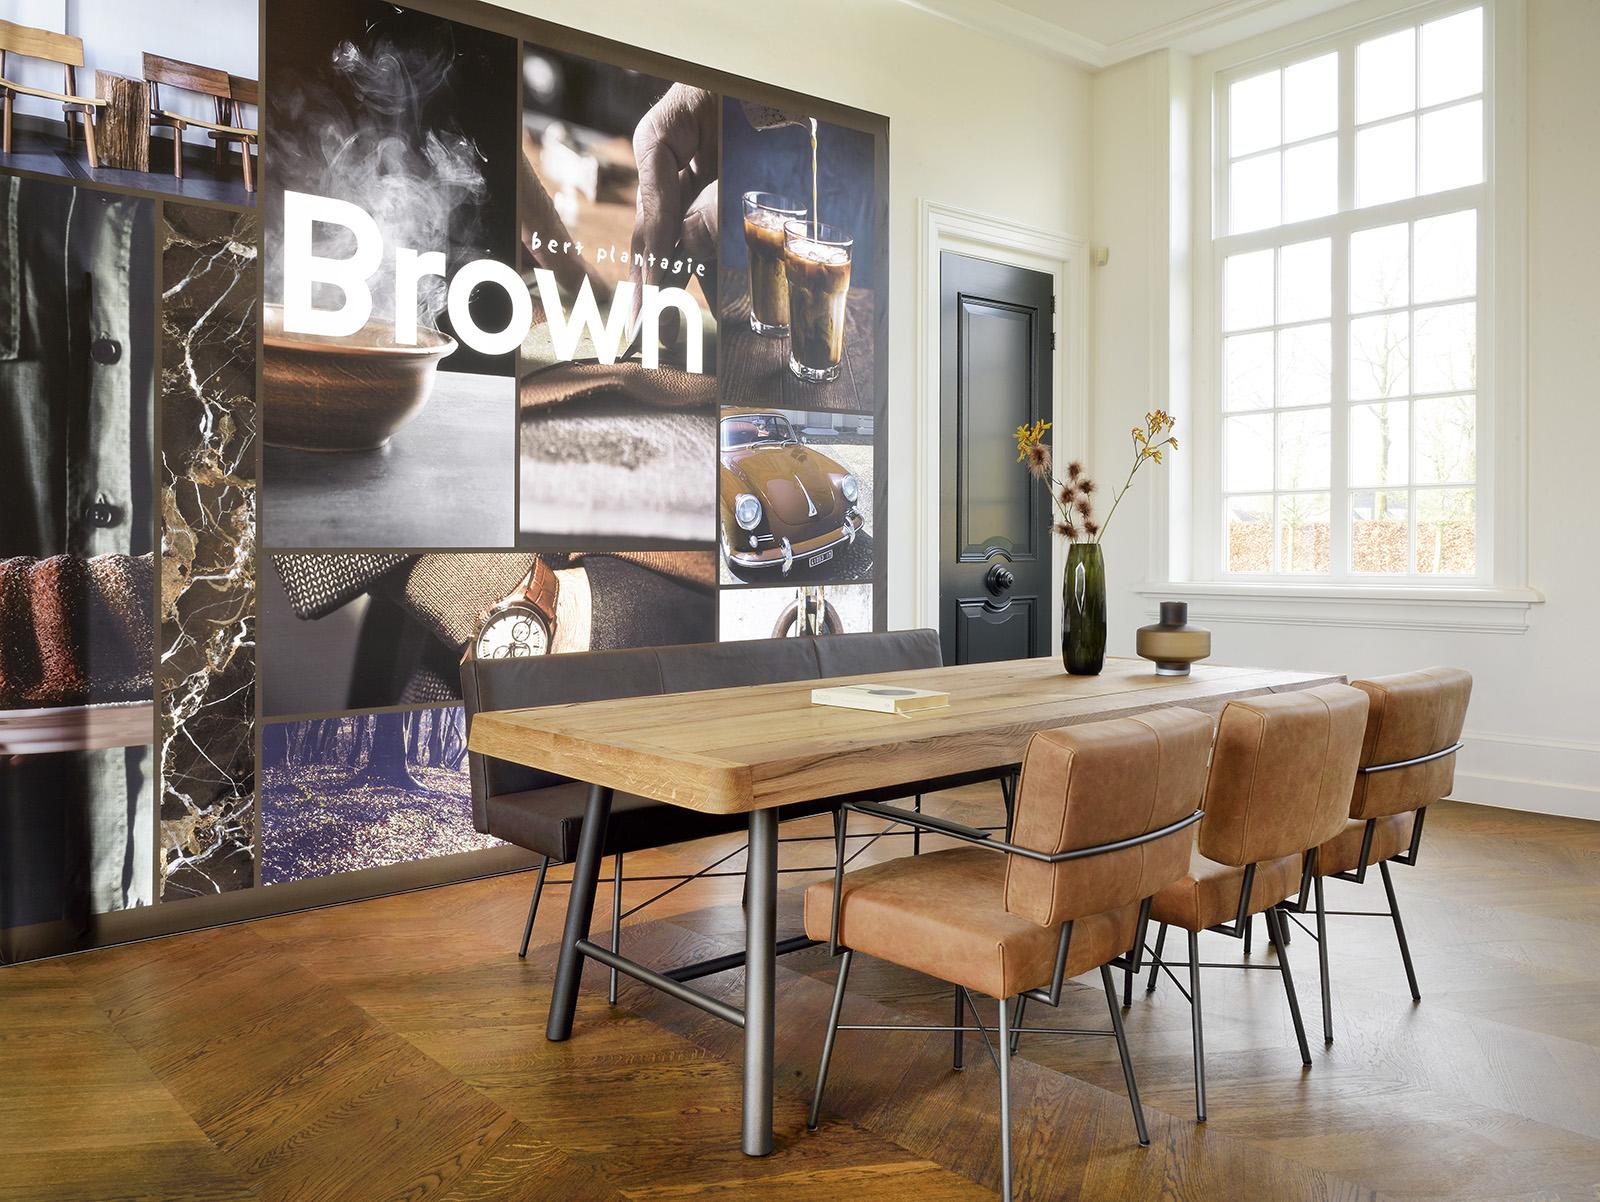 Eetkamer door Brown by Bert Plantagie, stoelen, tafel en bankje